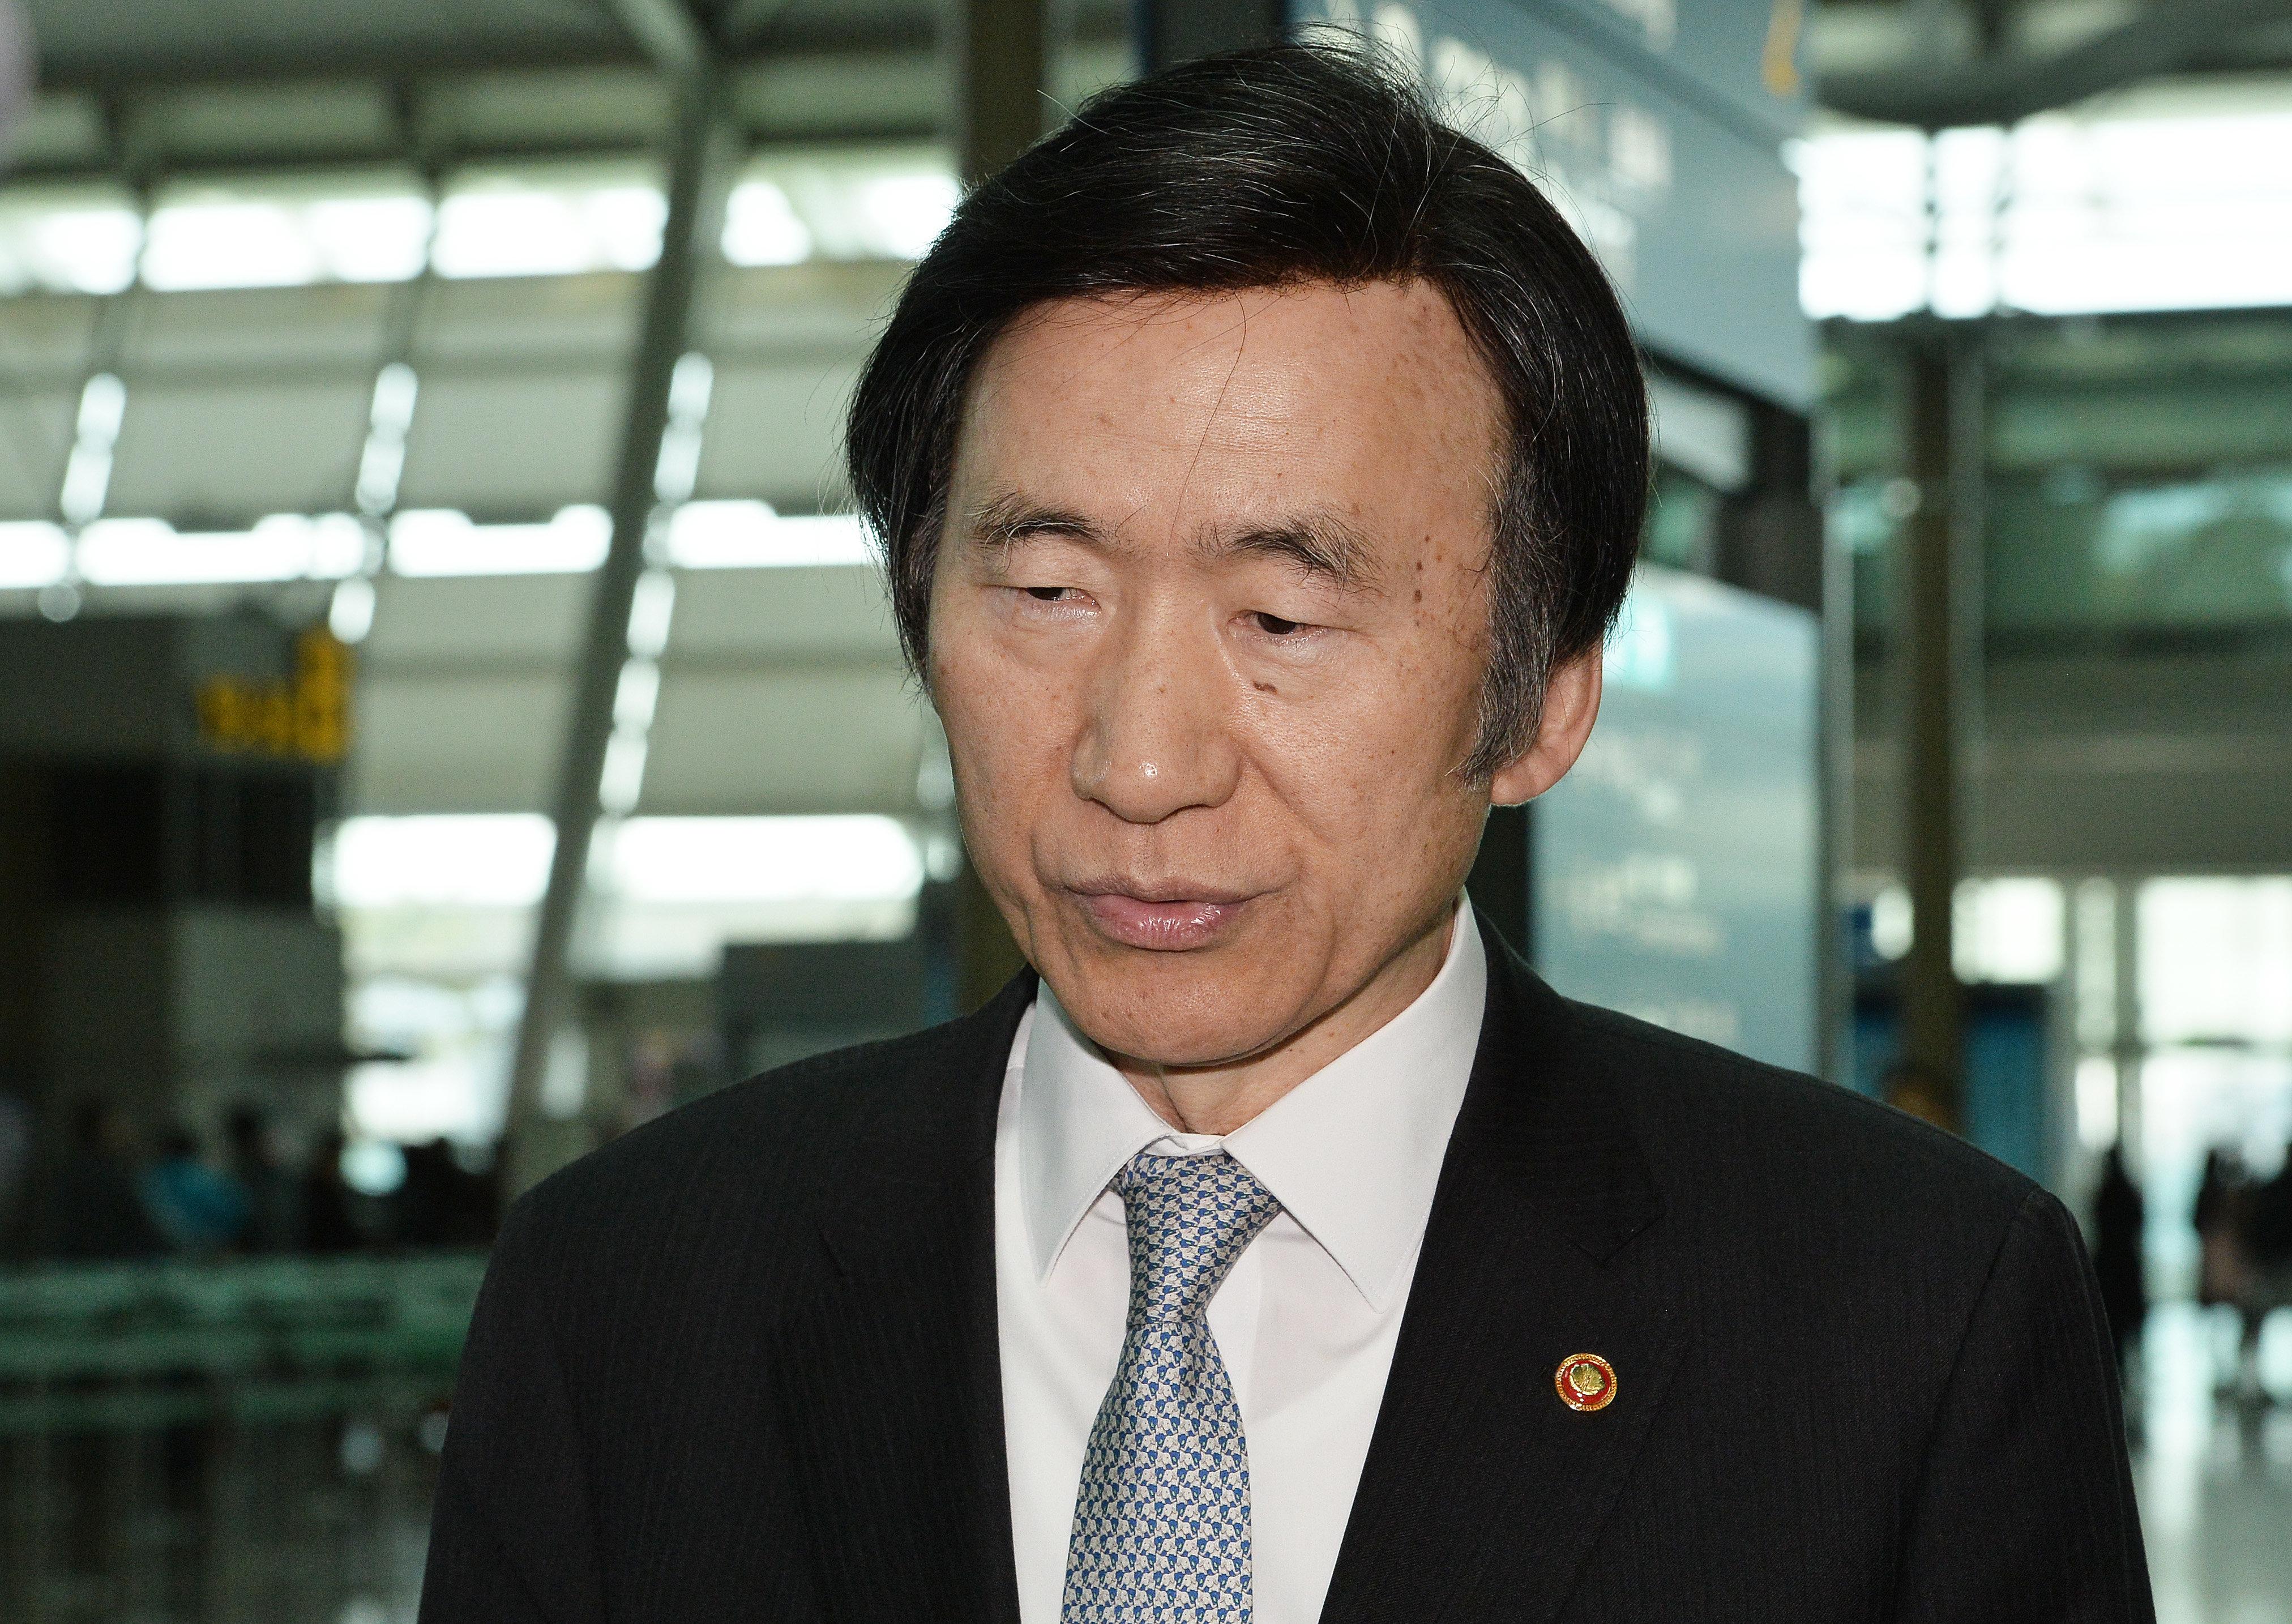 김앤장이 꾸린 '강제징용재판TF' 멤버였던 자가 외교부 장관이